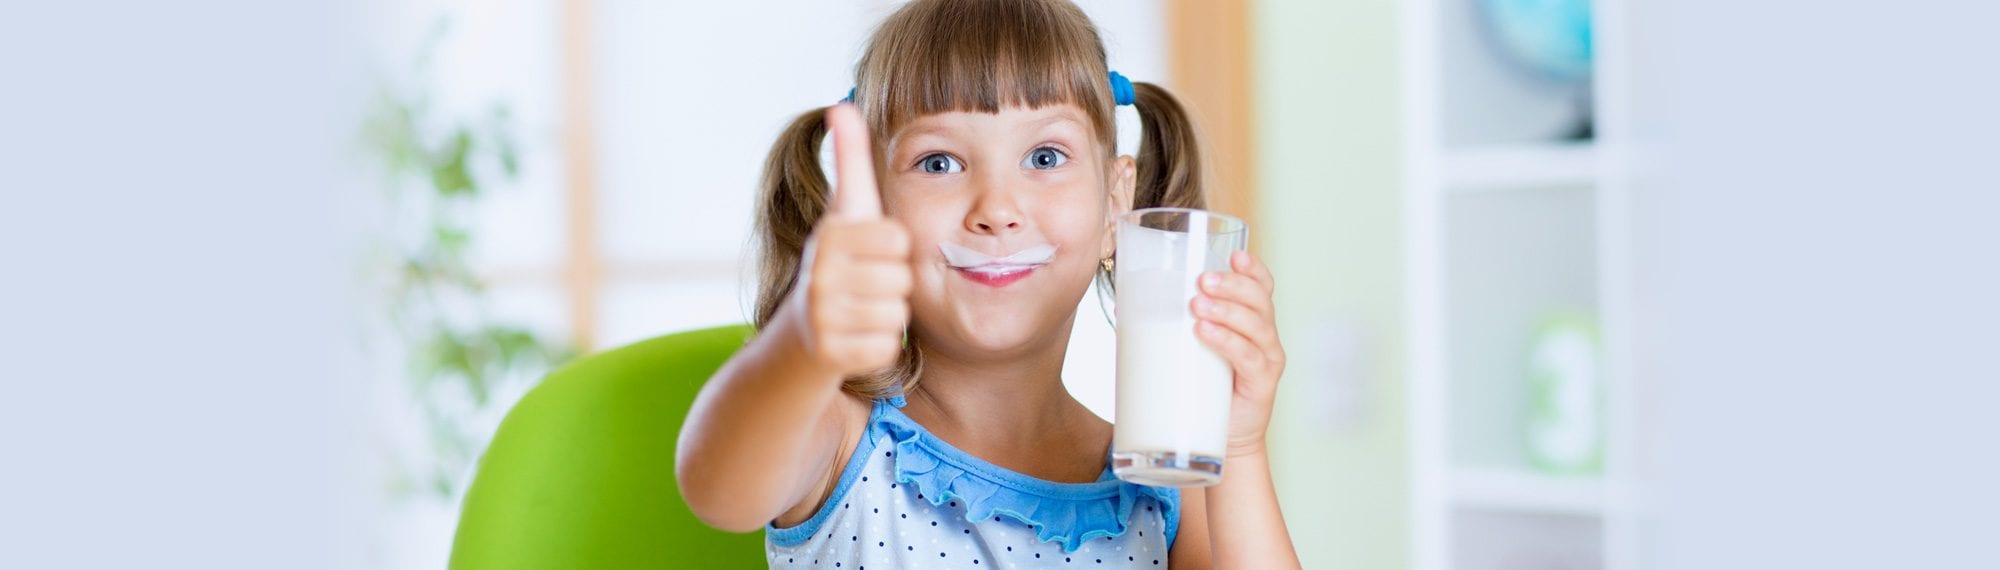 free milk scheme milk delivery